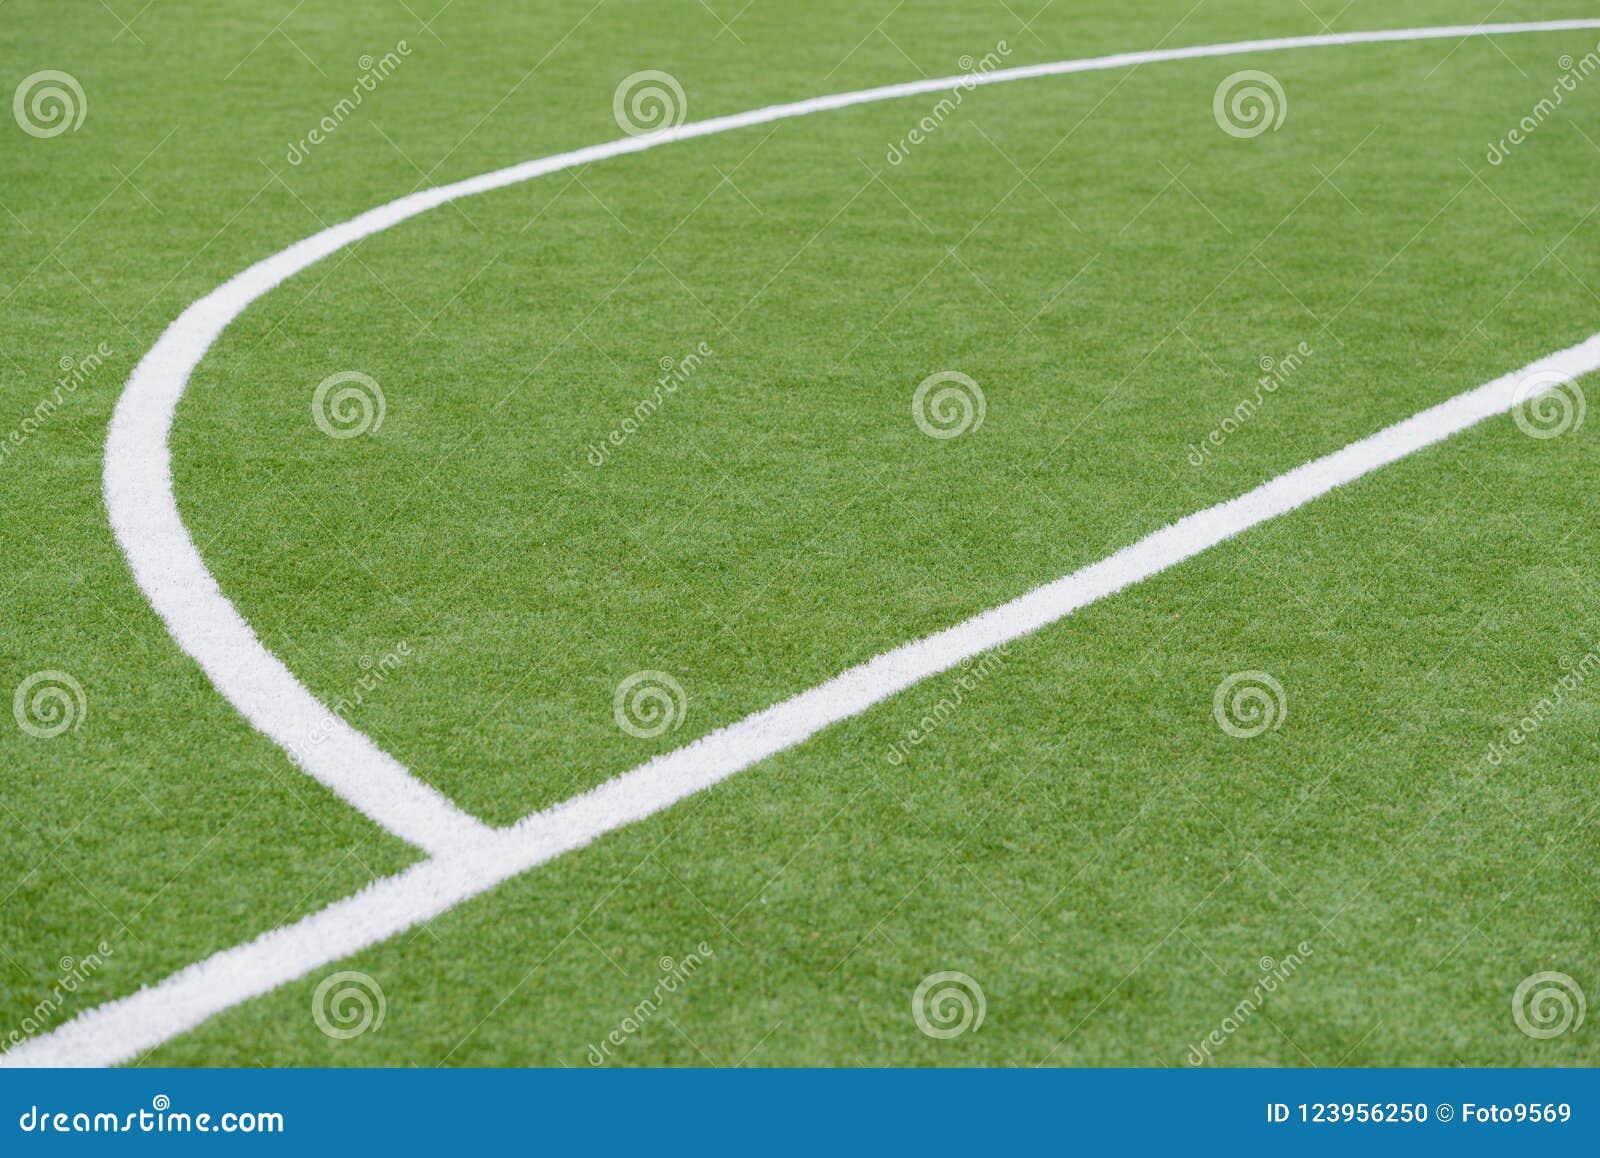 Schließen Sie oben auf Fußballplatz mit künstlichem Gras und weißen Streifen